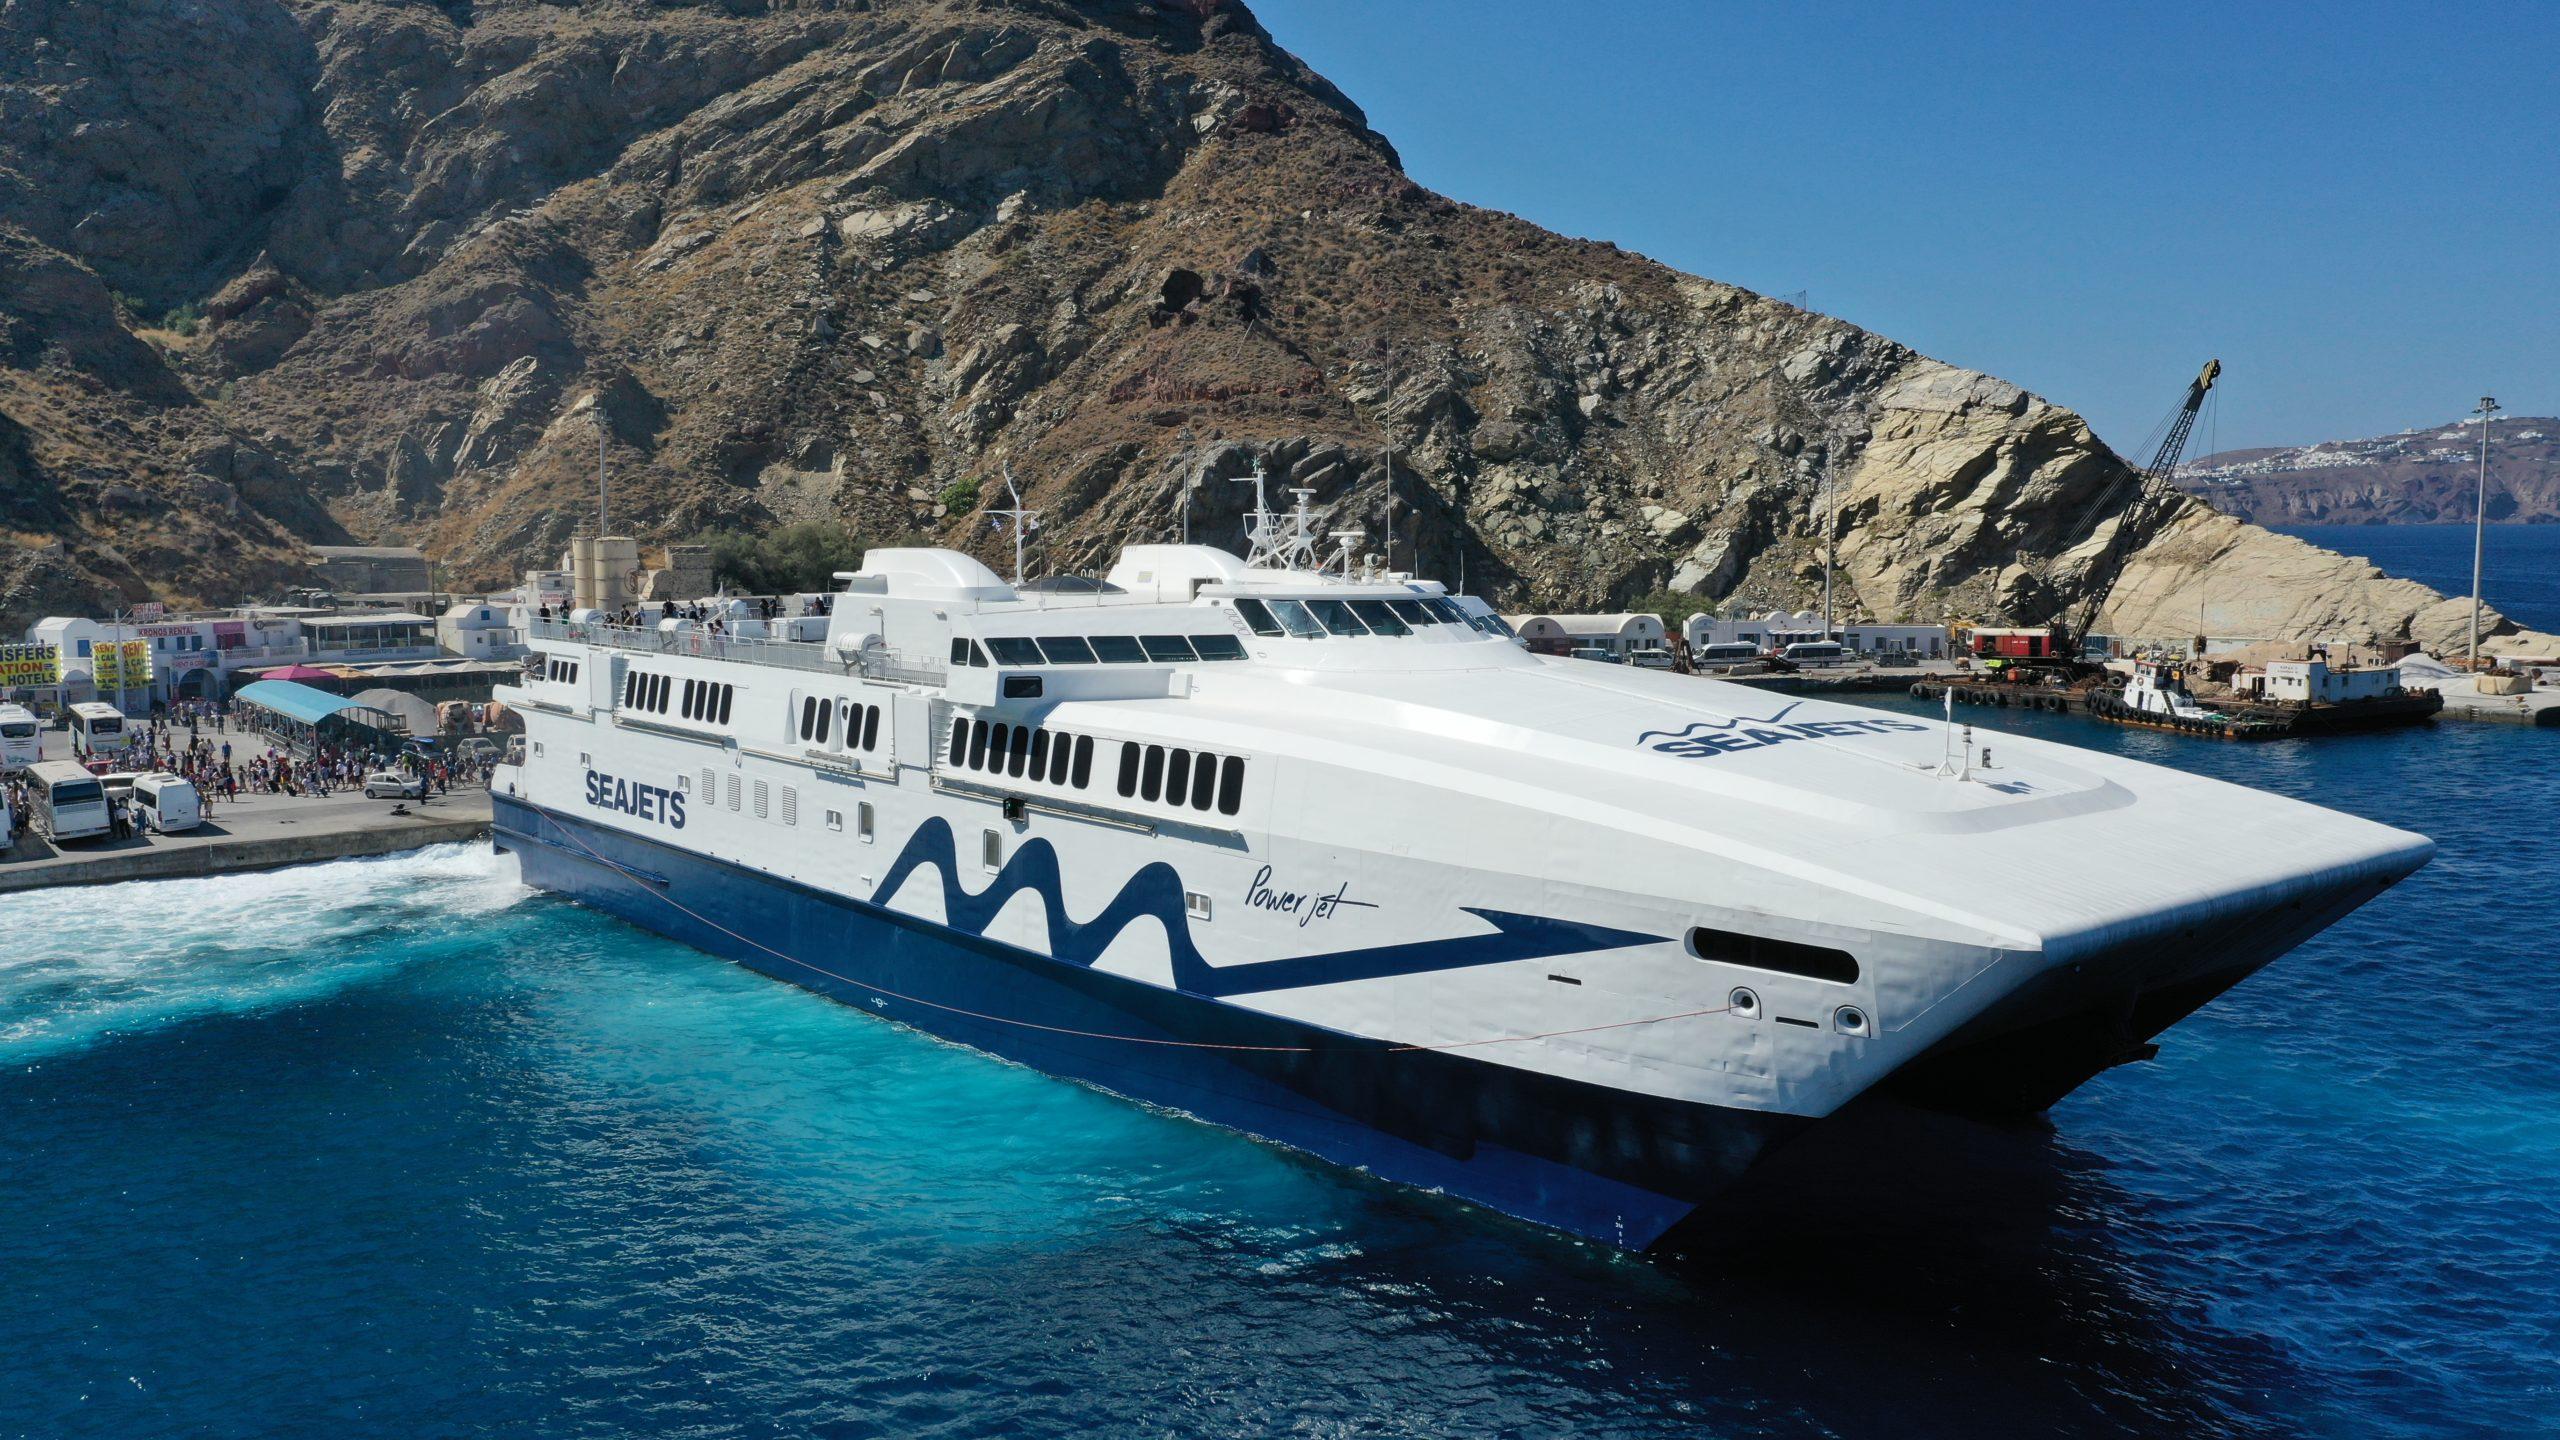 seajets new ship